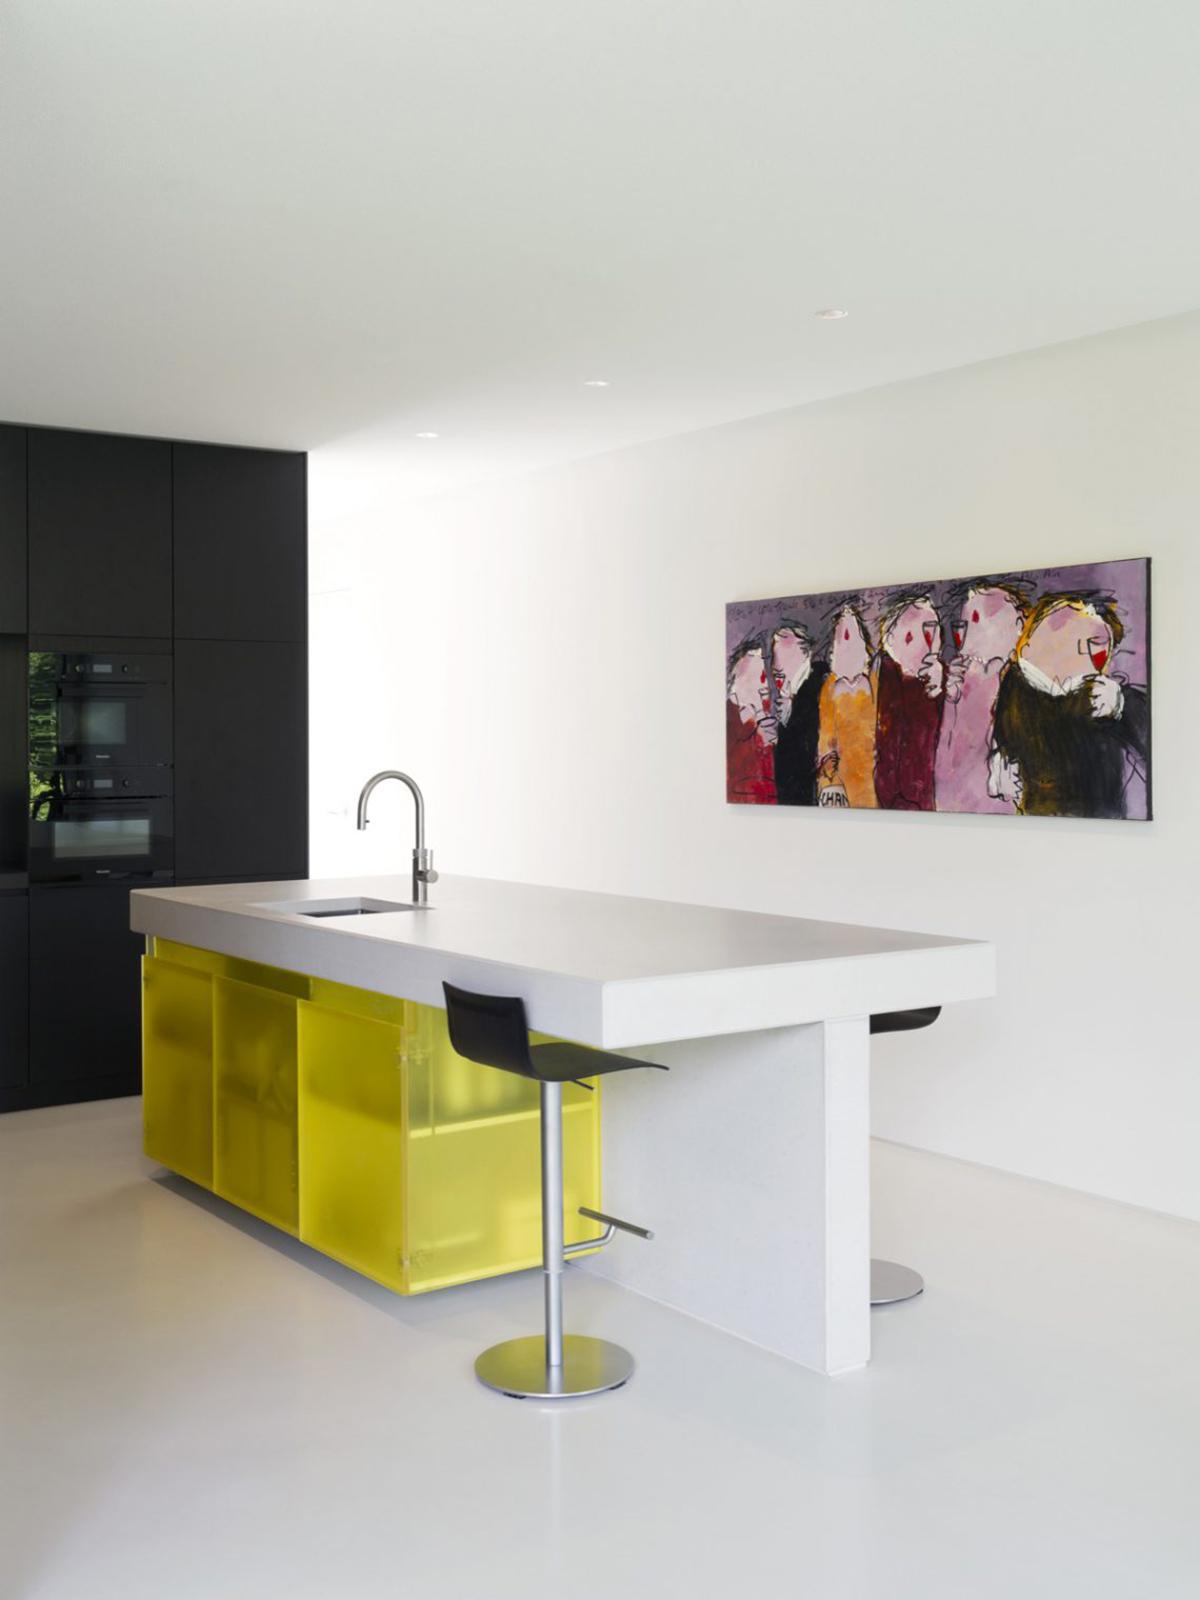 Vloer met natuurlijke uitstraling, DRT Gietvloeren, moderne villa, witte teint, natuurlijke elementen, interieur, betonlook